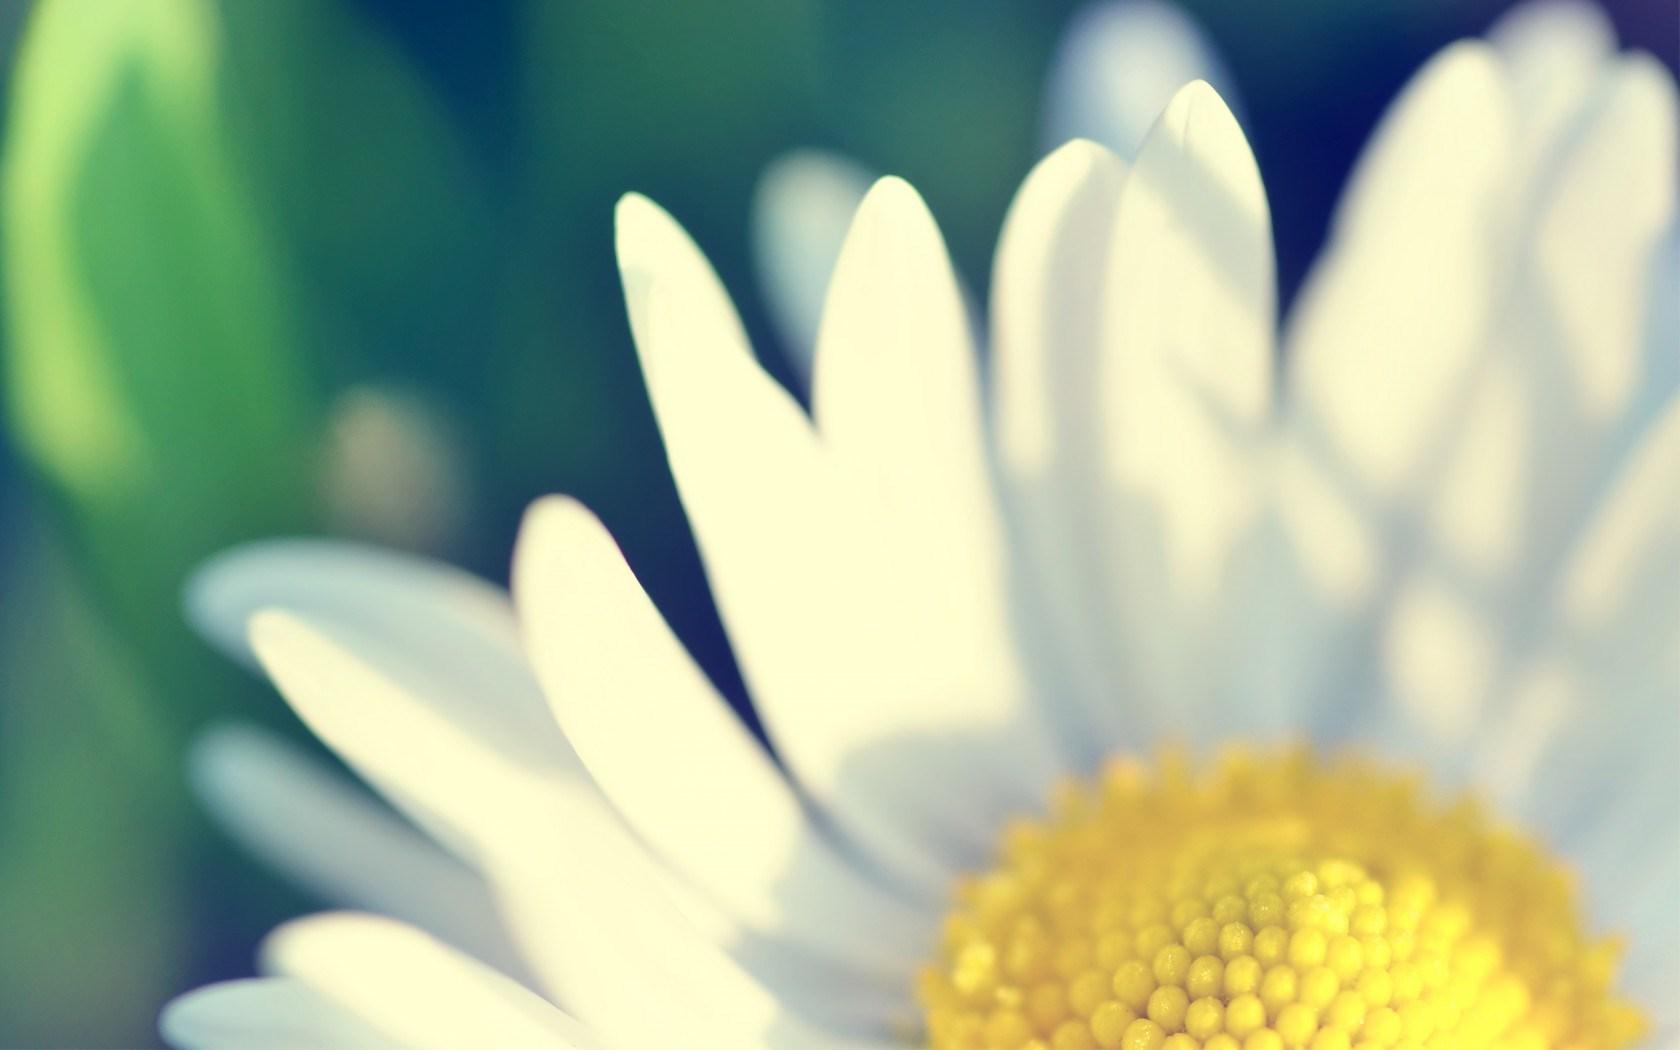 daisy image 1920x1080p